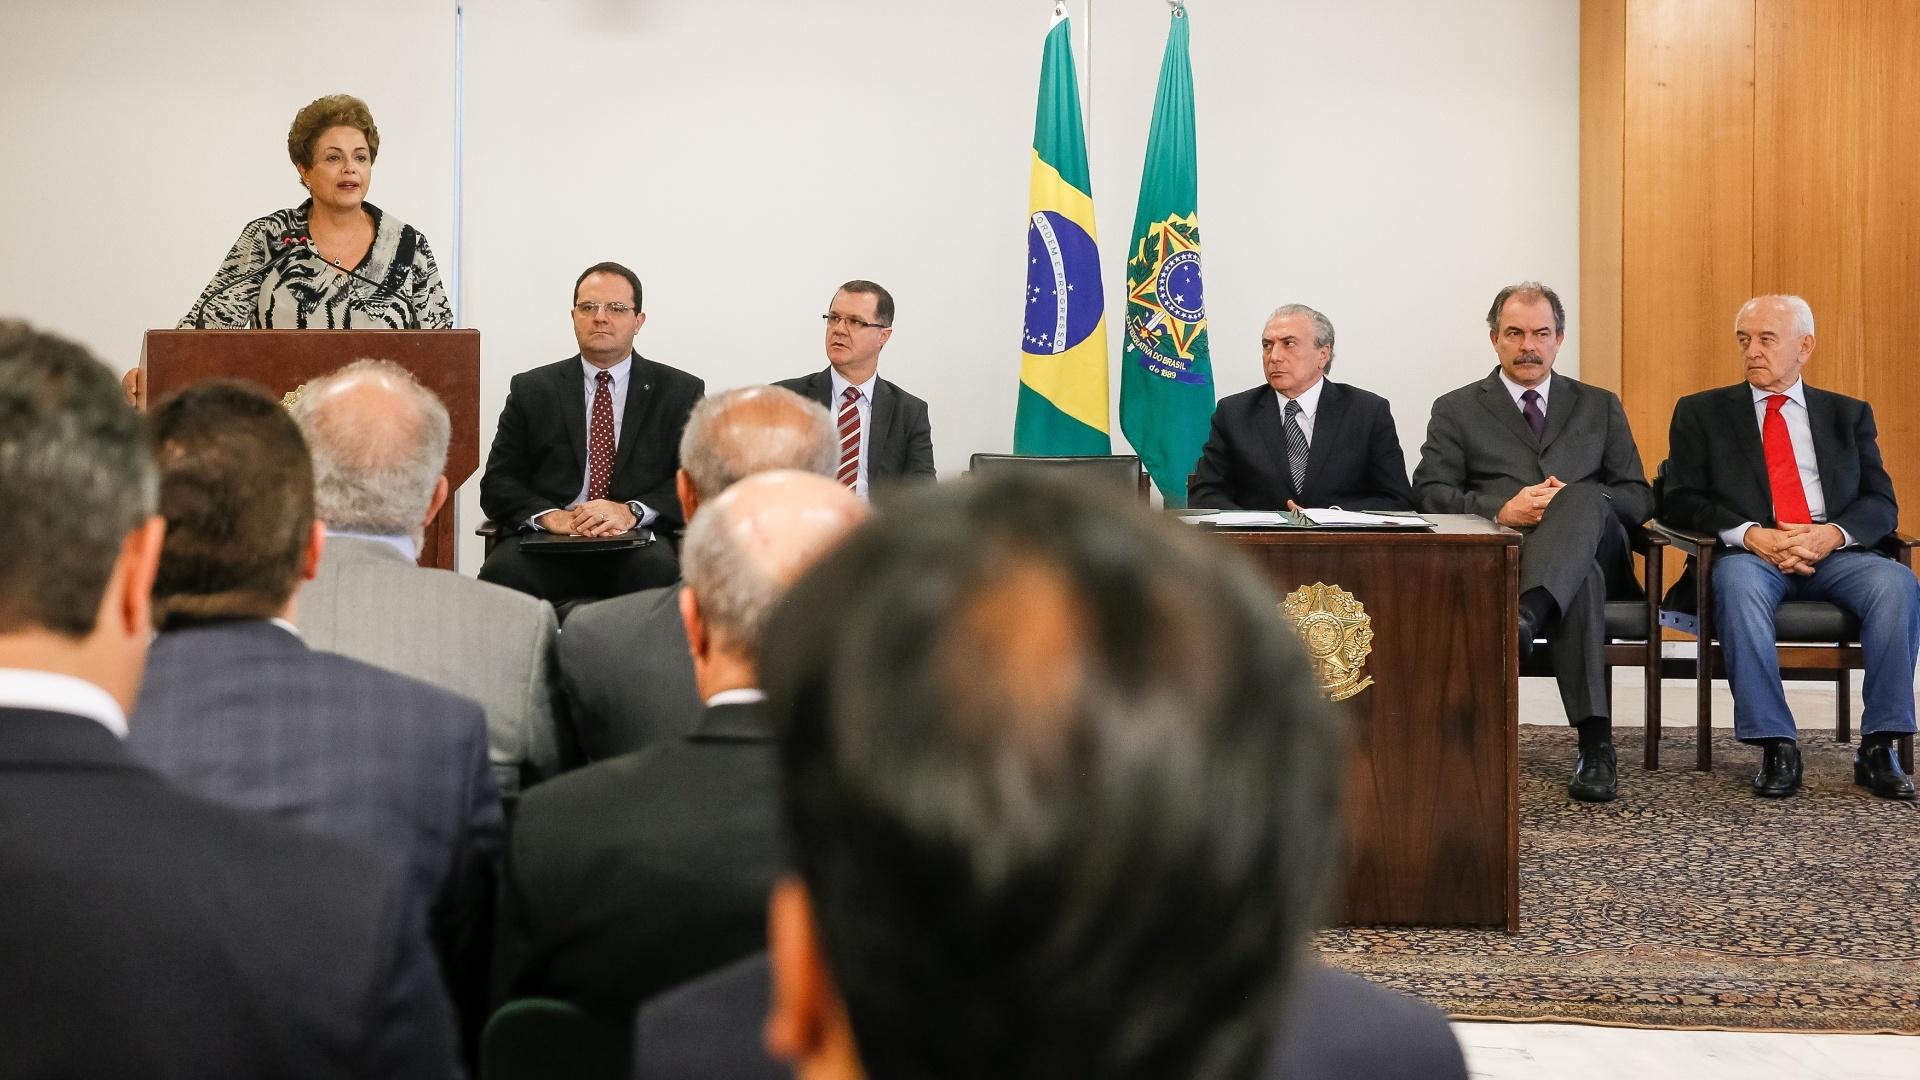 24.mar.2015 - A presidente Dilma Rousseff assinou nesta terça-feira (24) uma medida provisória que estabelece nova política para a valorização do salário mínimo, que valerá de 2016 a 2019. A medida será encaminhada ao Congresso, e a presidente pediu que seja analisada em caráter de urgência. Segundo Dilma, a medida provisória mantém a política de reajuste do mínimo. A lei de reajuste tem usado como parâmetro índices de inflação do ano e o percentual de crescimento da economia (do Produto Interno Bruto) do ano anterior ao da apresentação da lei orçamentária